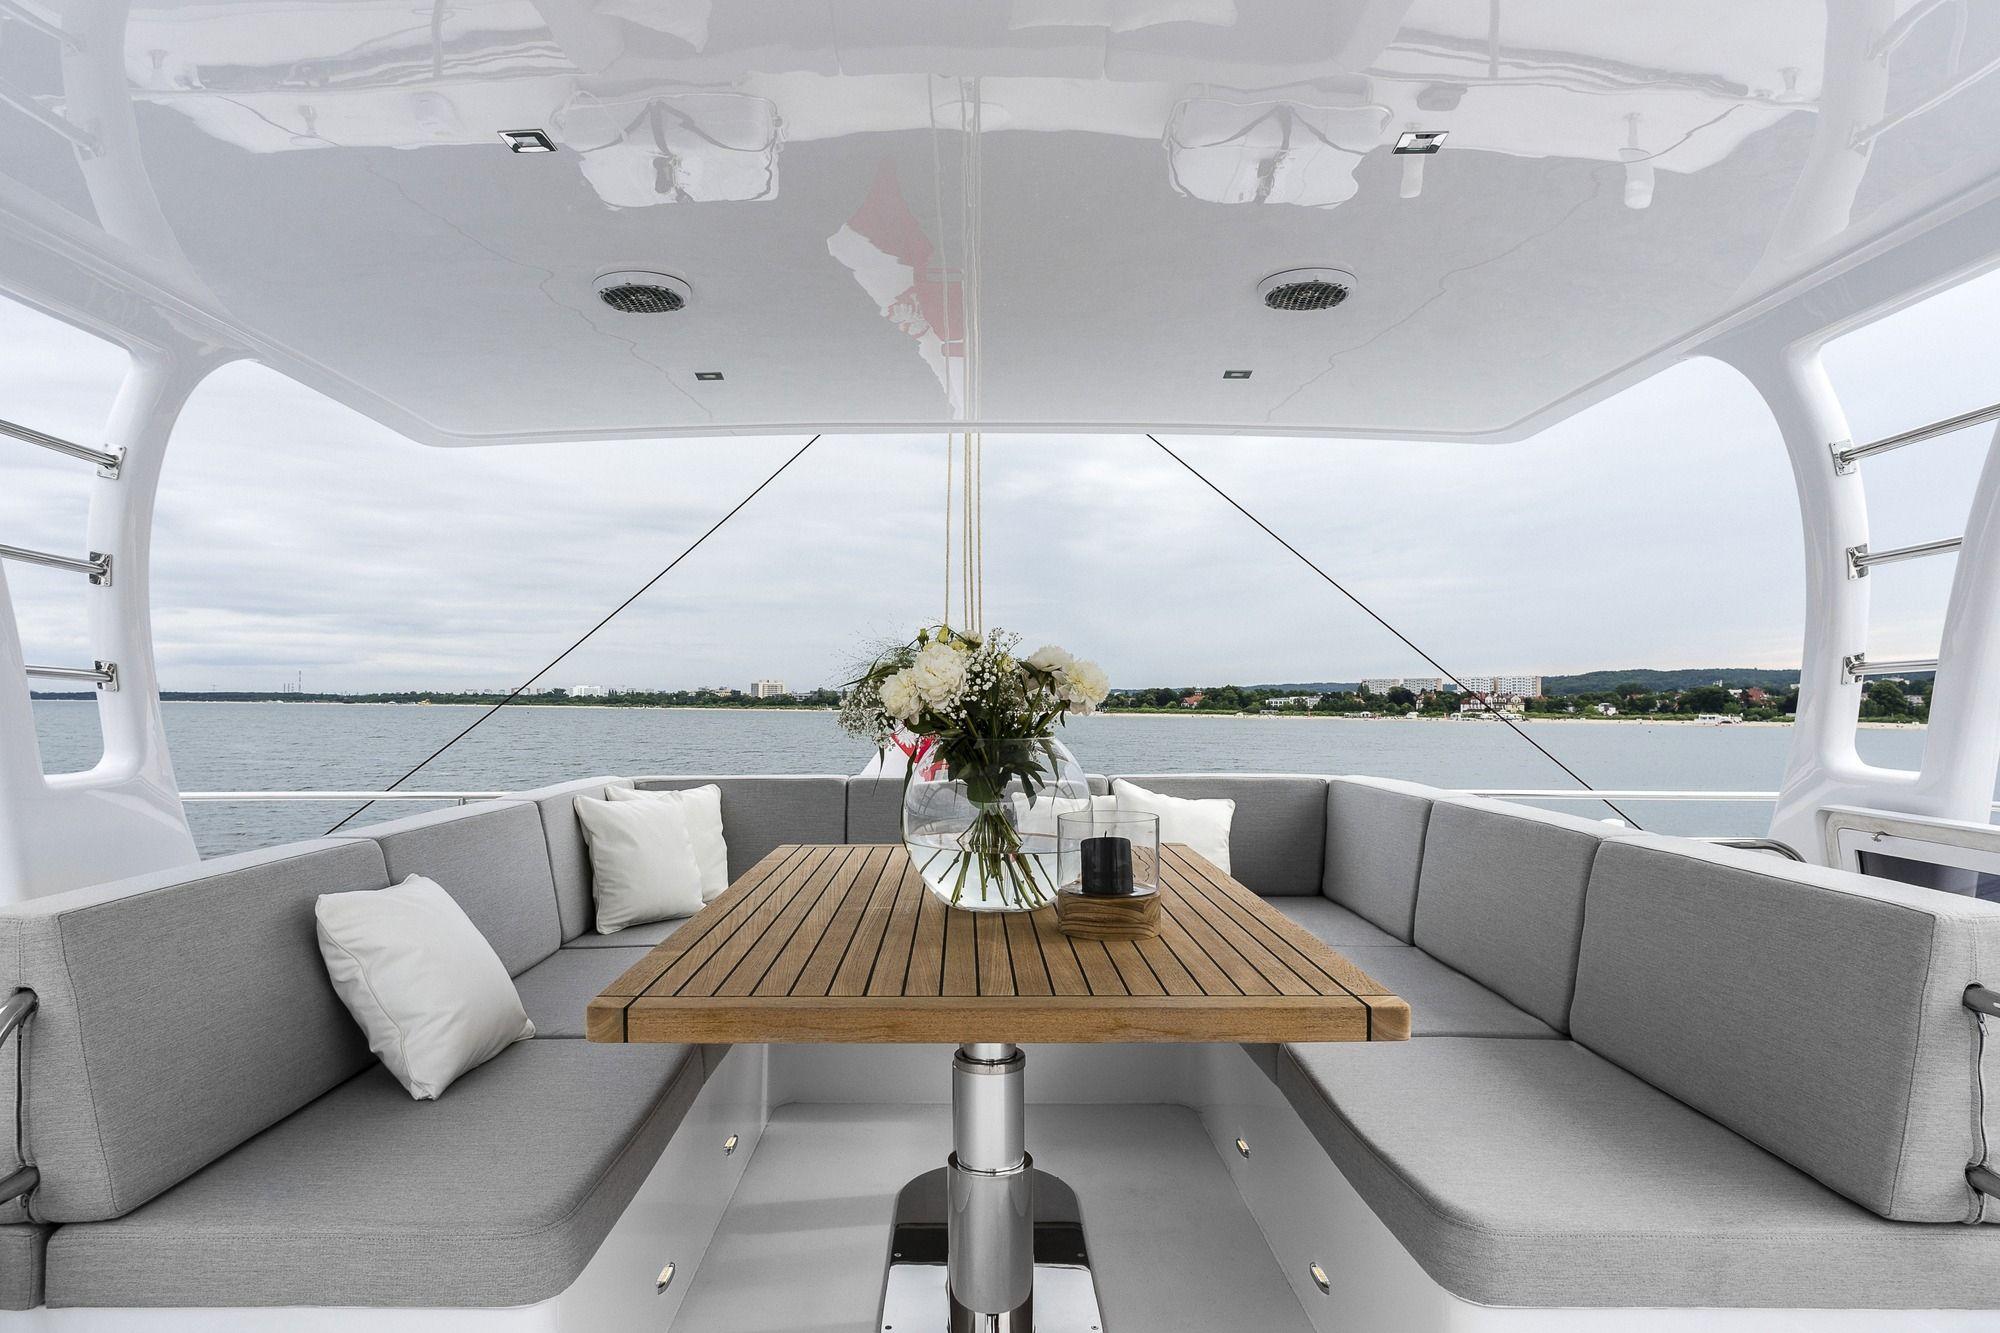 CALMAO Sunreef 74 Luxury Catamaran Flybridge